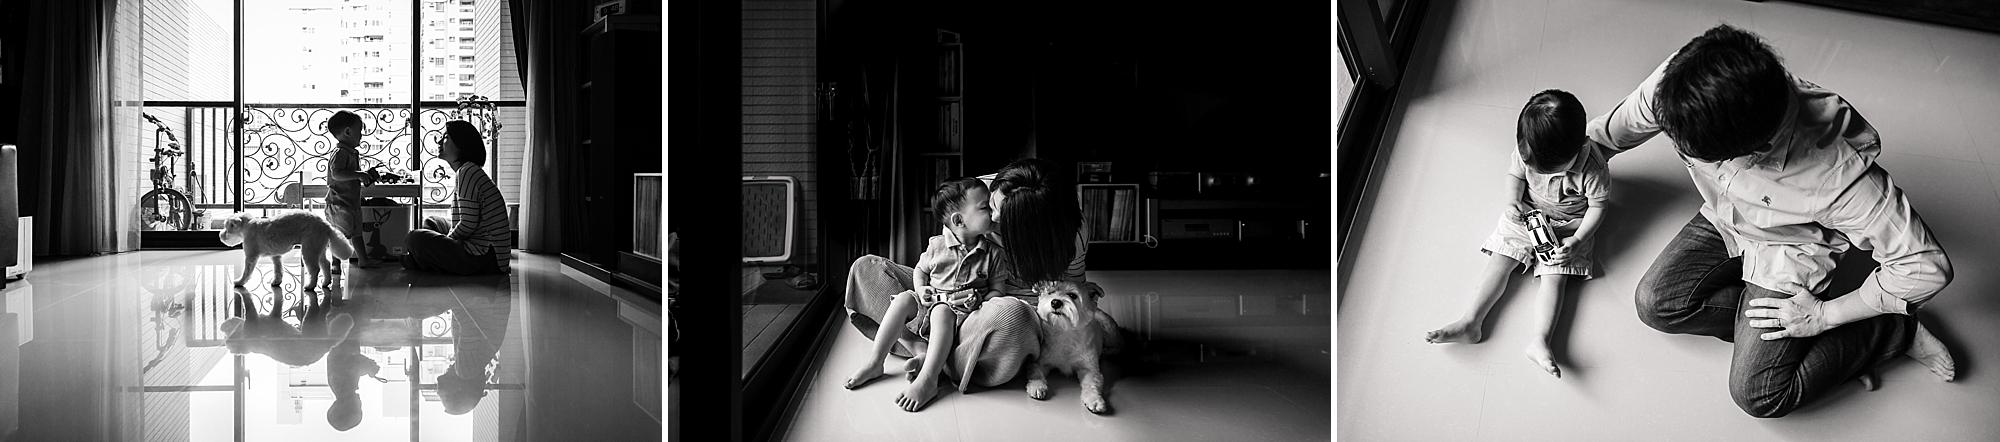 In_Home_Newborn_Family_Photos_Taiwan_Hunnicutt_Photography_0002